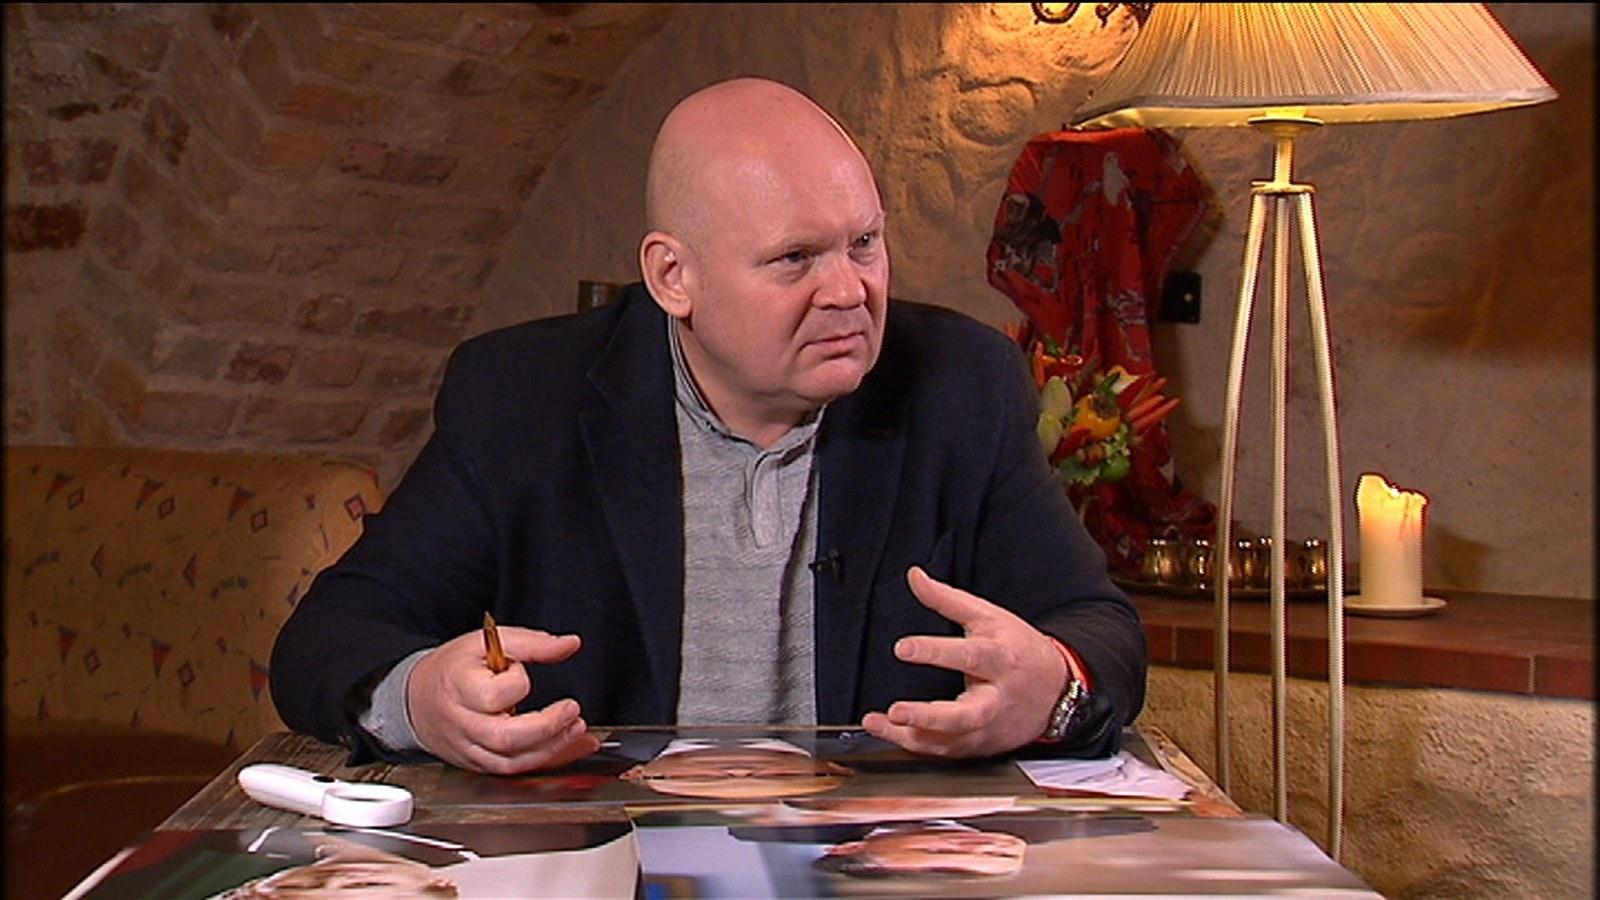 Fenotipologas Markas Lučinas: kaip vaiko veido bruožuose atpažinti būsimą lyderį ar milijonierių?..